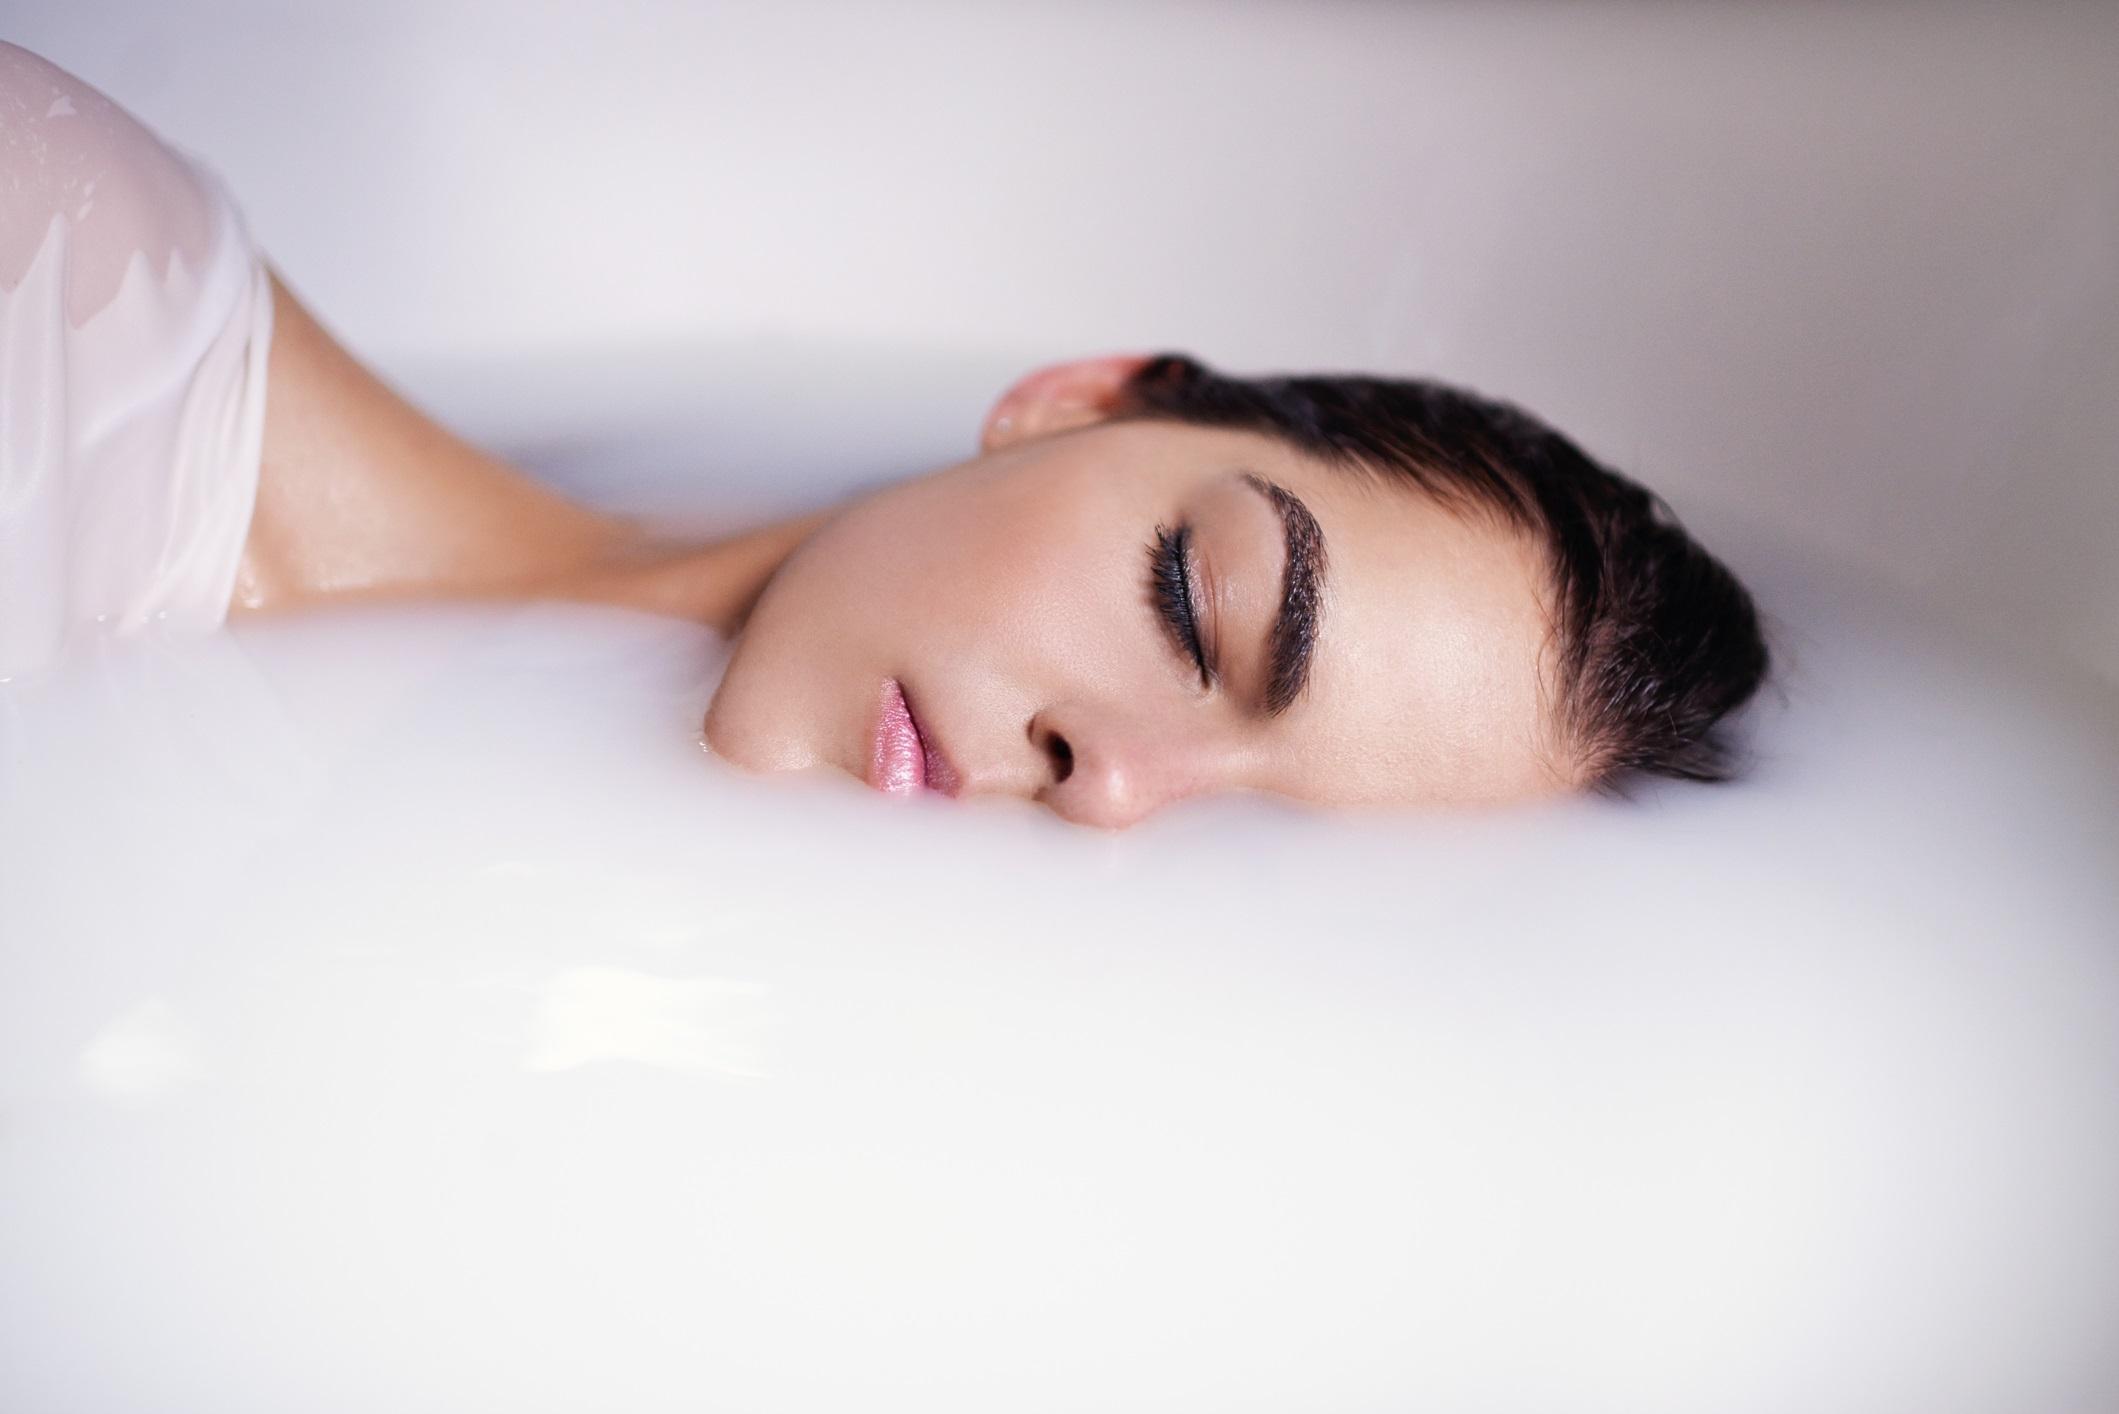 Malo suha, malo masna, mješovita koža je često 'vrckava' pa je treba znati 'ukrotiti'.